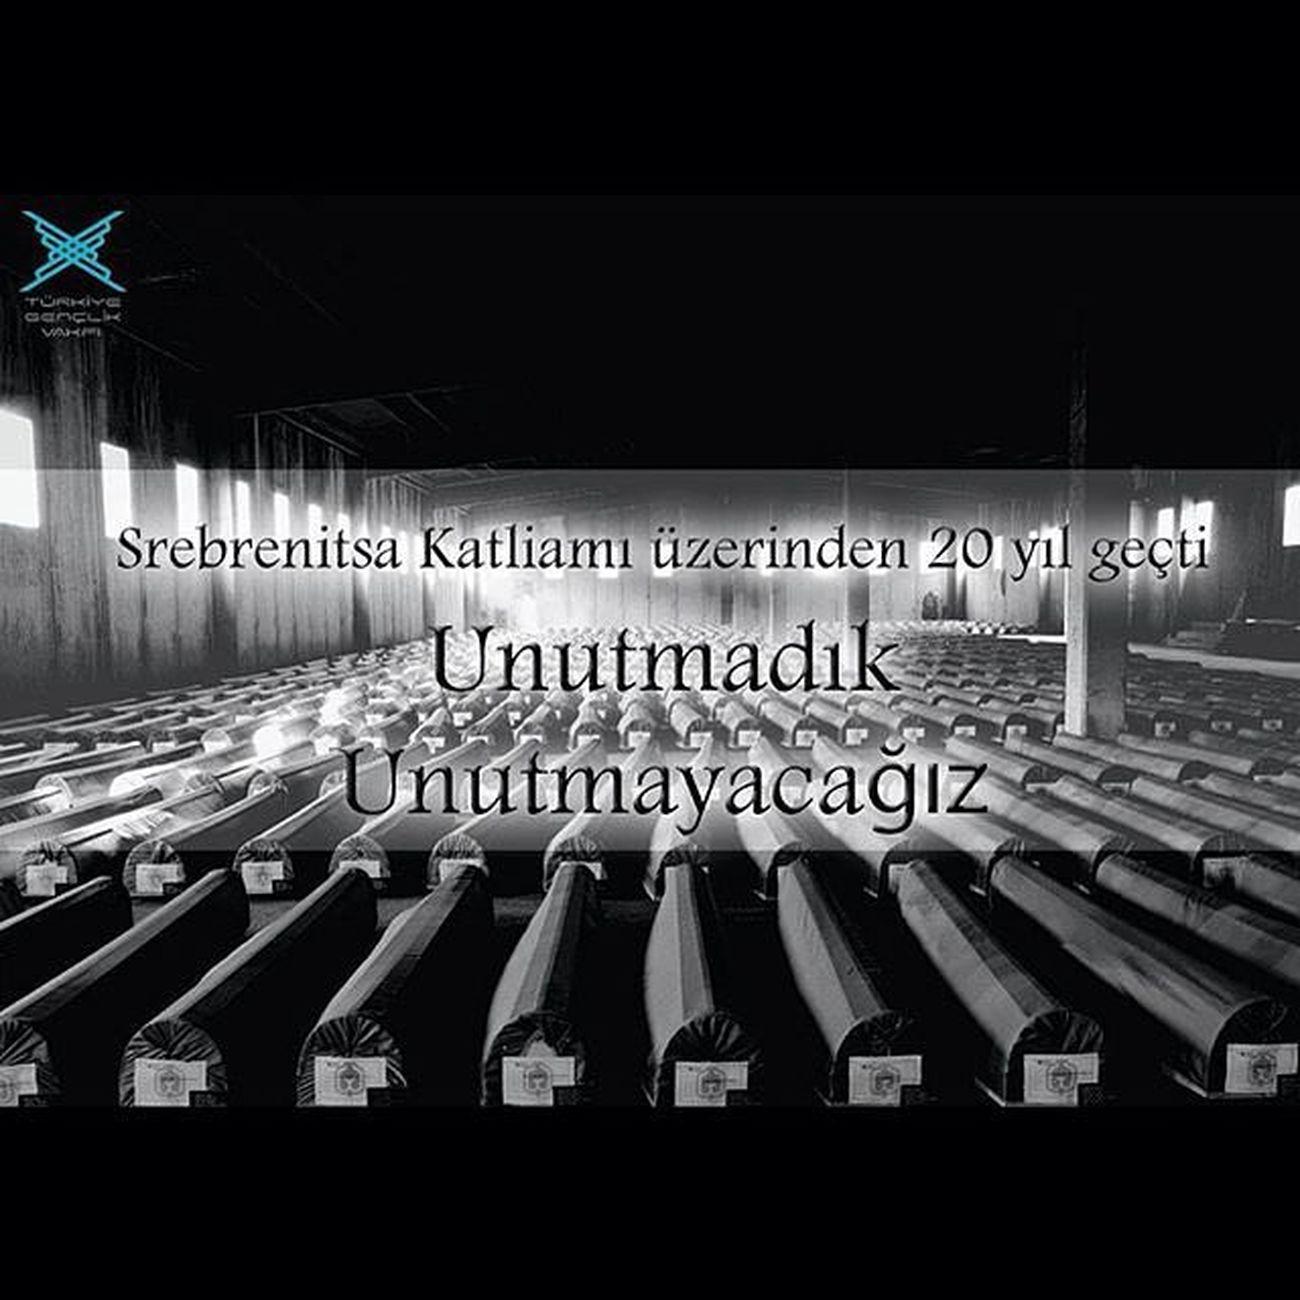 İnsanlık suçlarına karşı duyarsız ve dünyanın şahit olduğu bu vahşete kayıtsız kalmayalım. SrebrenitsaSoykırımı20Yıl Srebrenitsasoykırımı Soykırım Unutmadık unutmayacağız